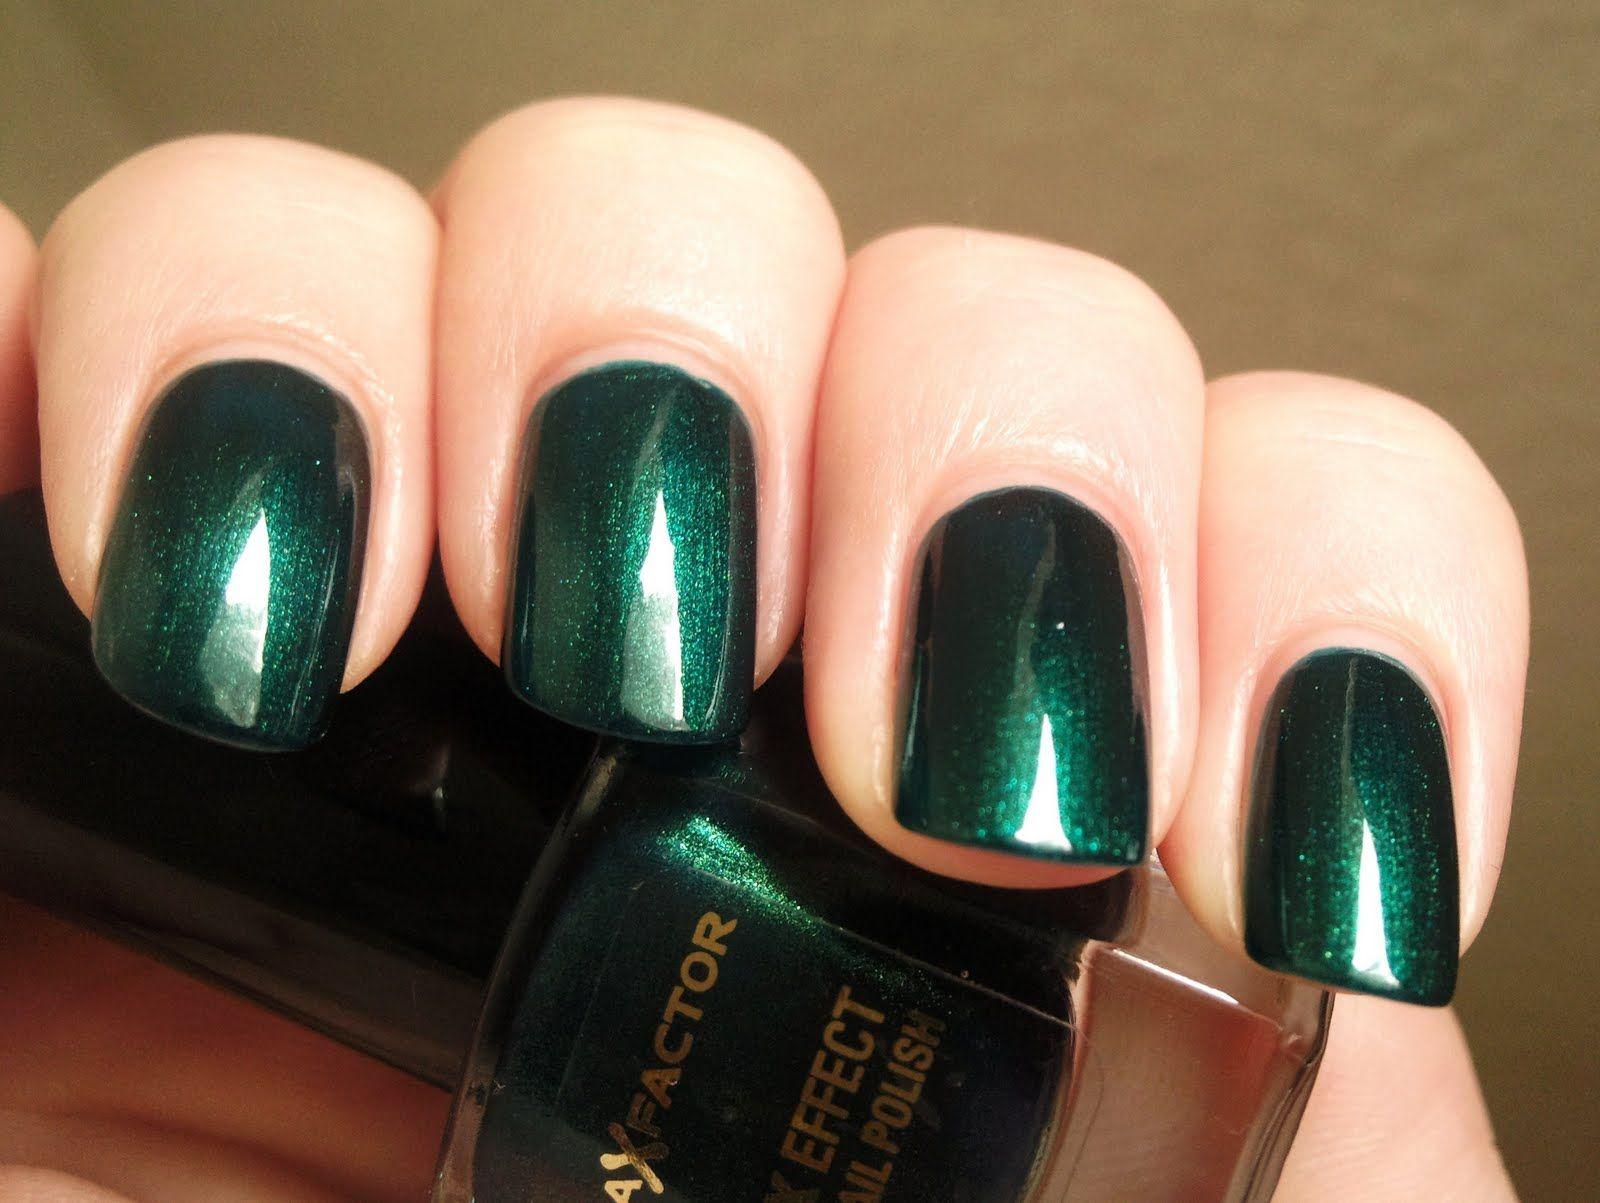 Max Factor emerald green nail polish   Makeup/Nails   Pinterest ...